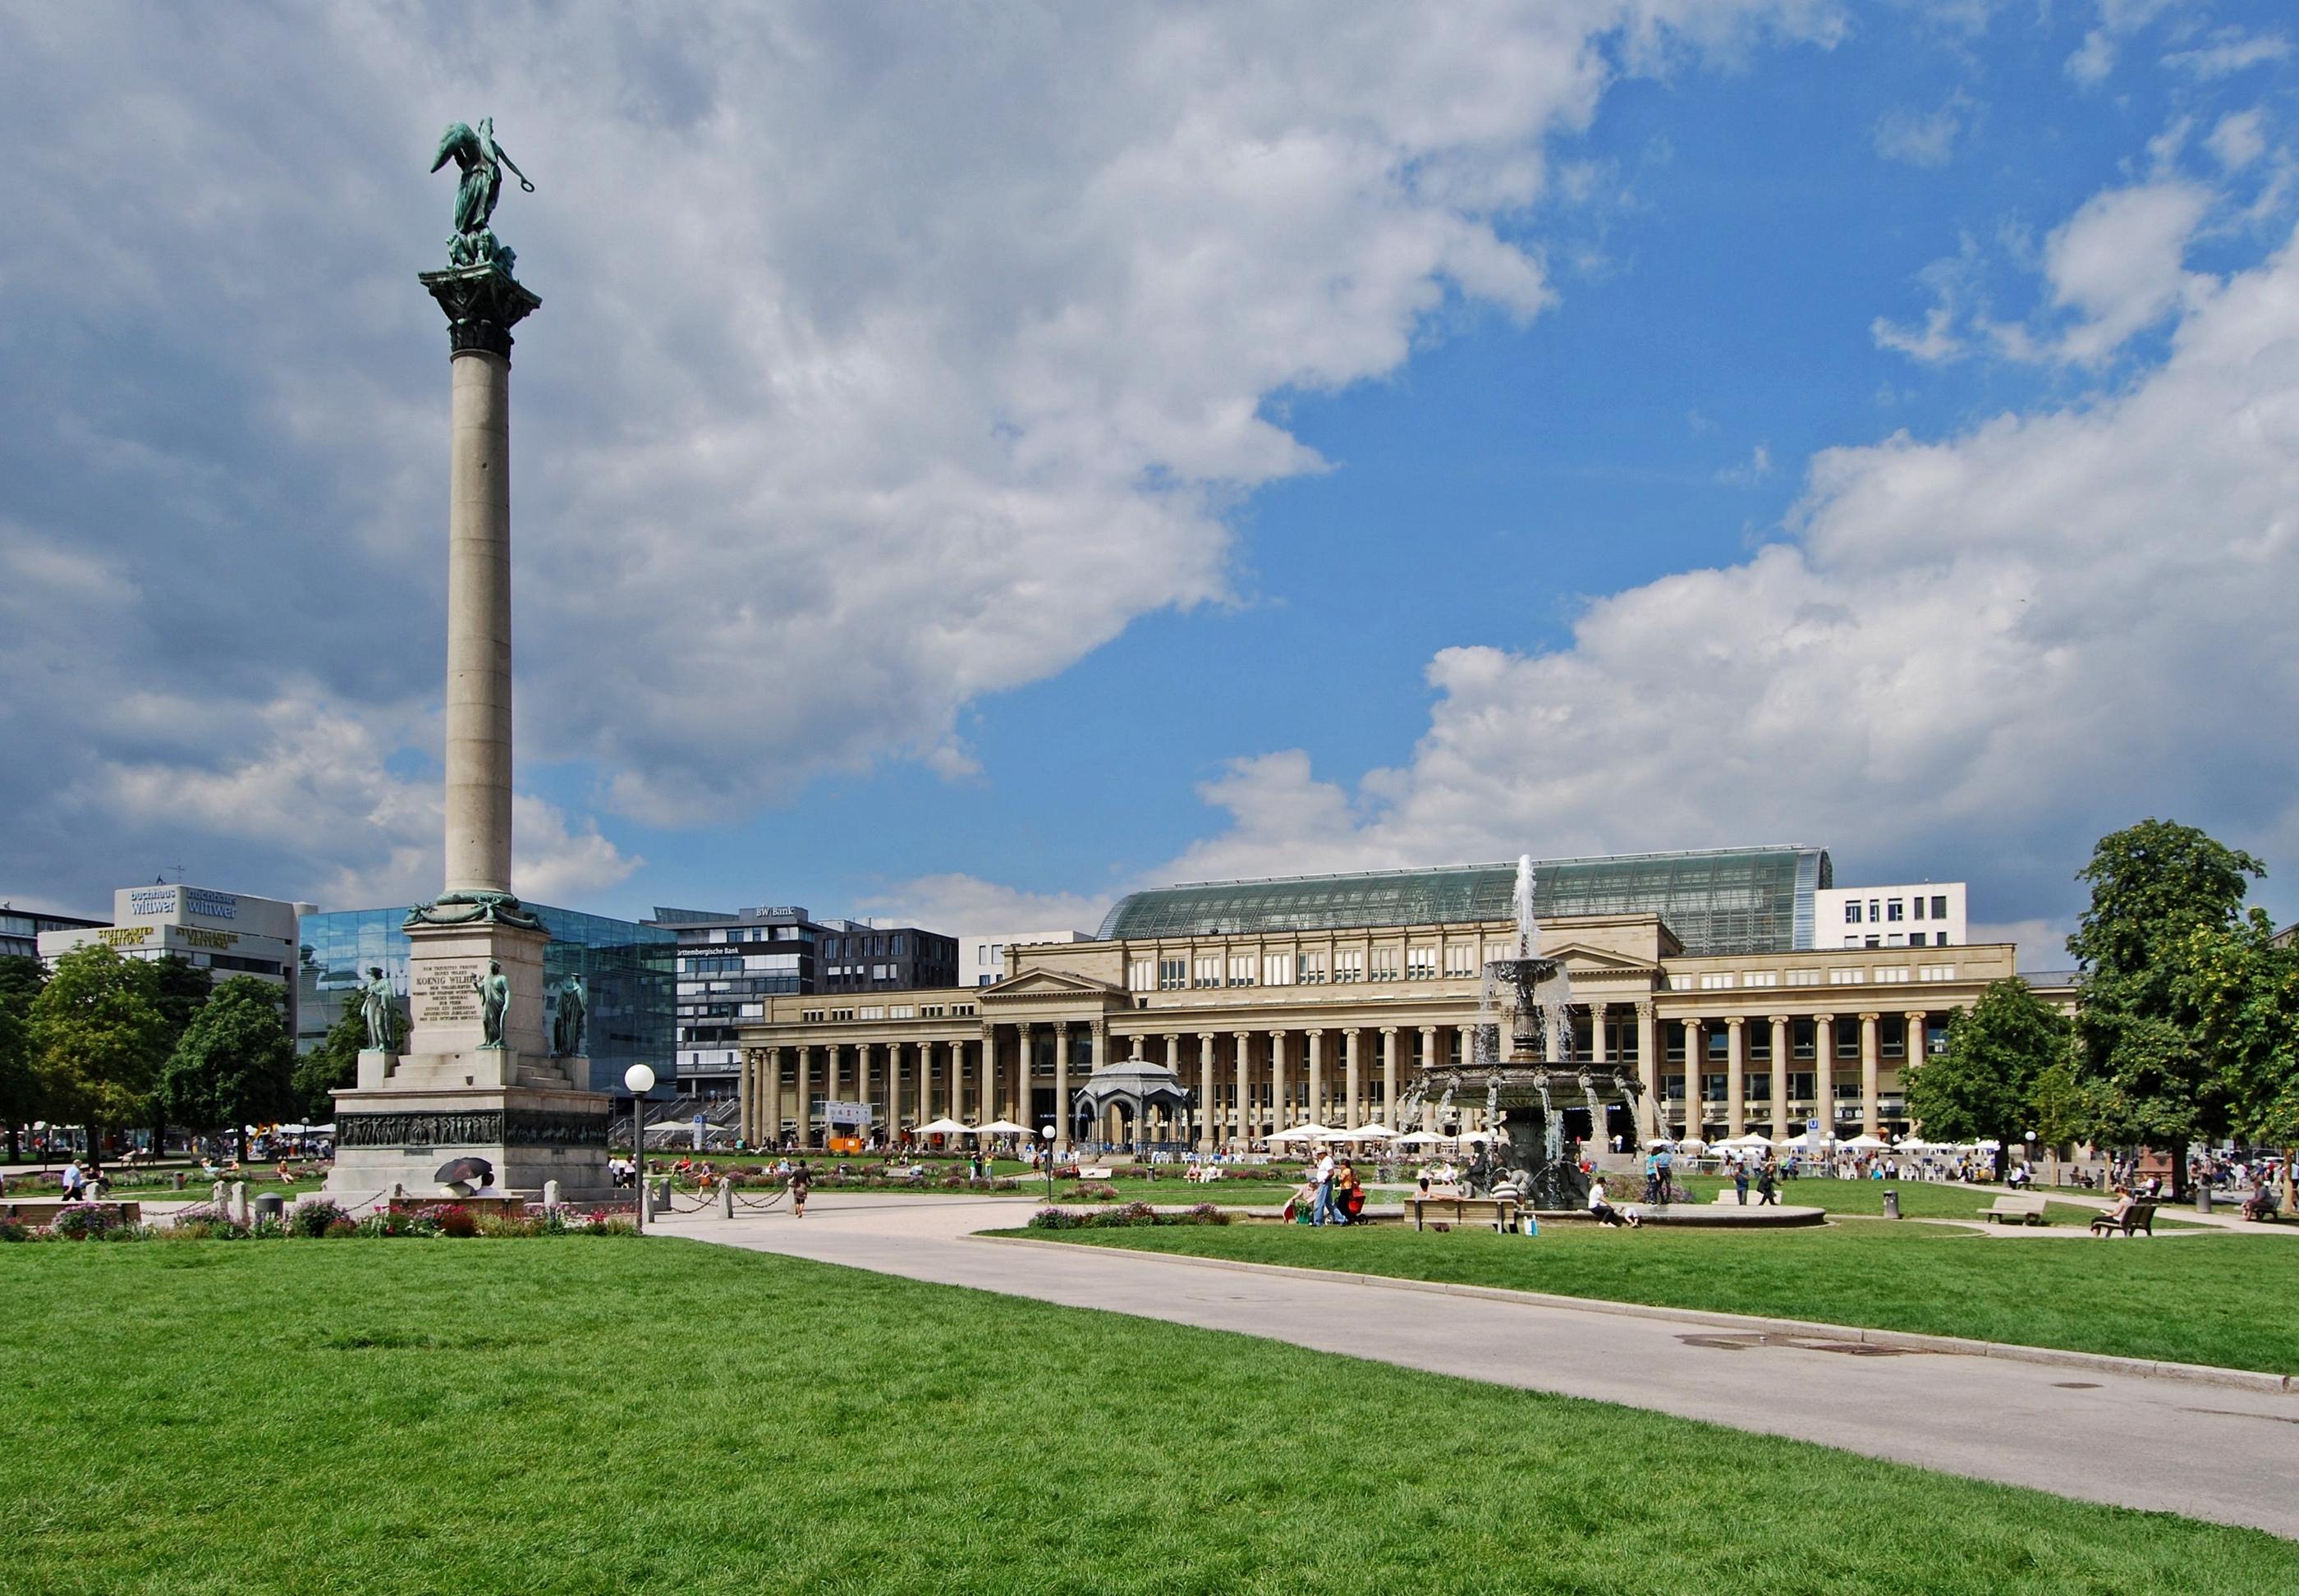 File:Schloßplatz Stuttgart 2010.jpg - Wikimedia Commons